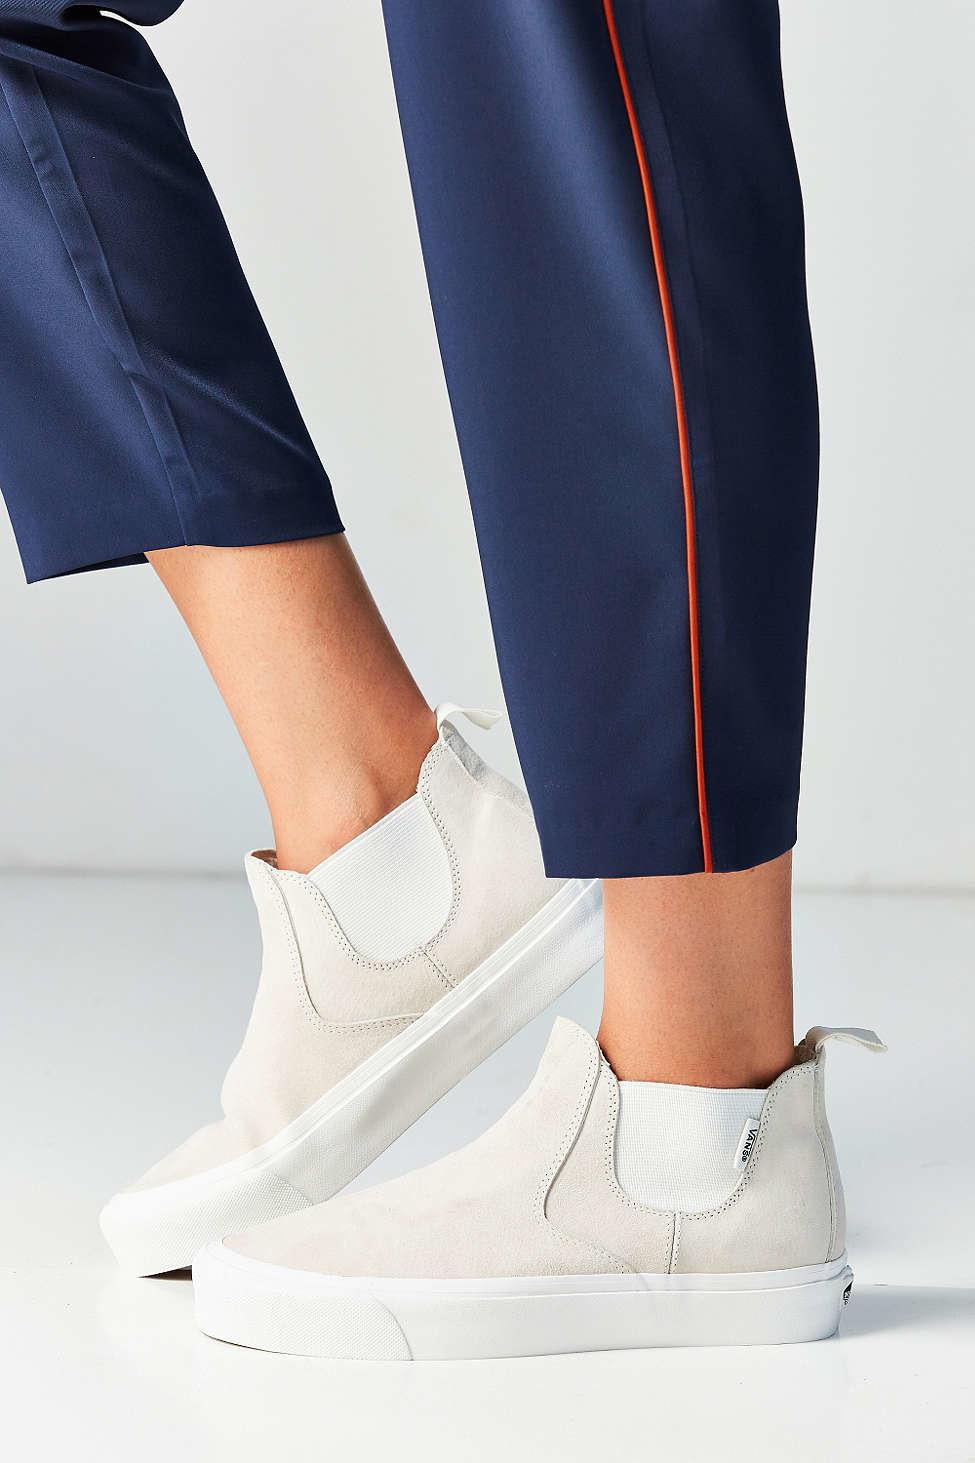 Lyst - Vans Scotchgard Slip-on Mid Dx Sneaker in White c49d24c78